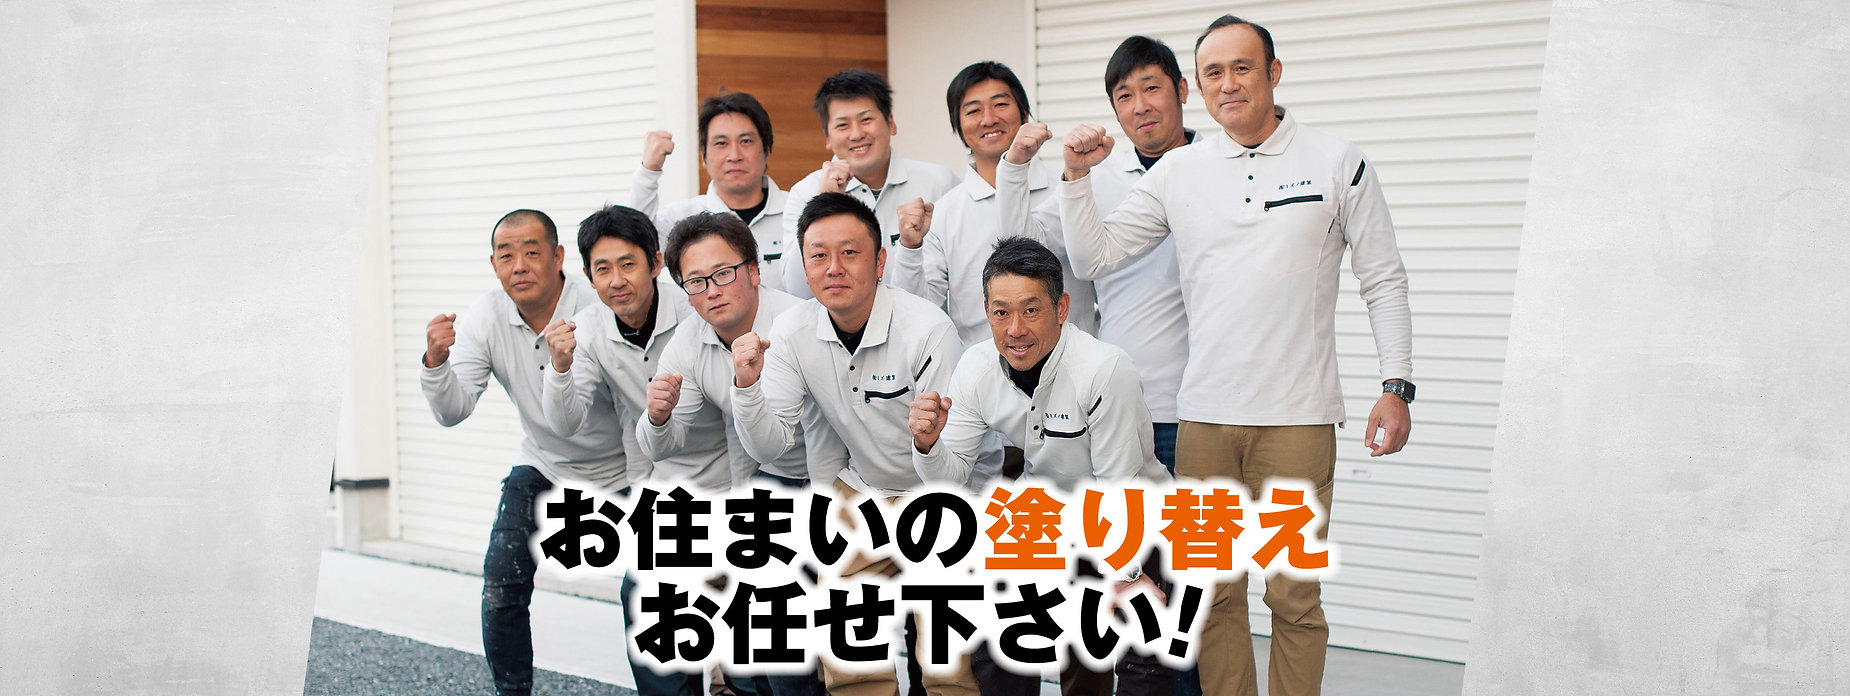 mizunokenso-main04-2.jpg